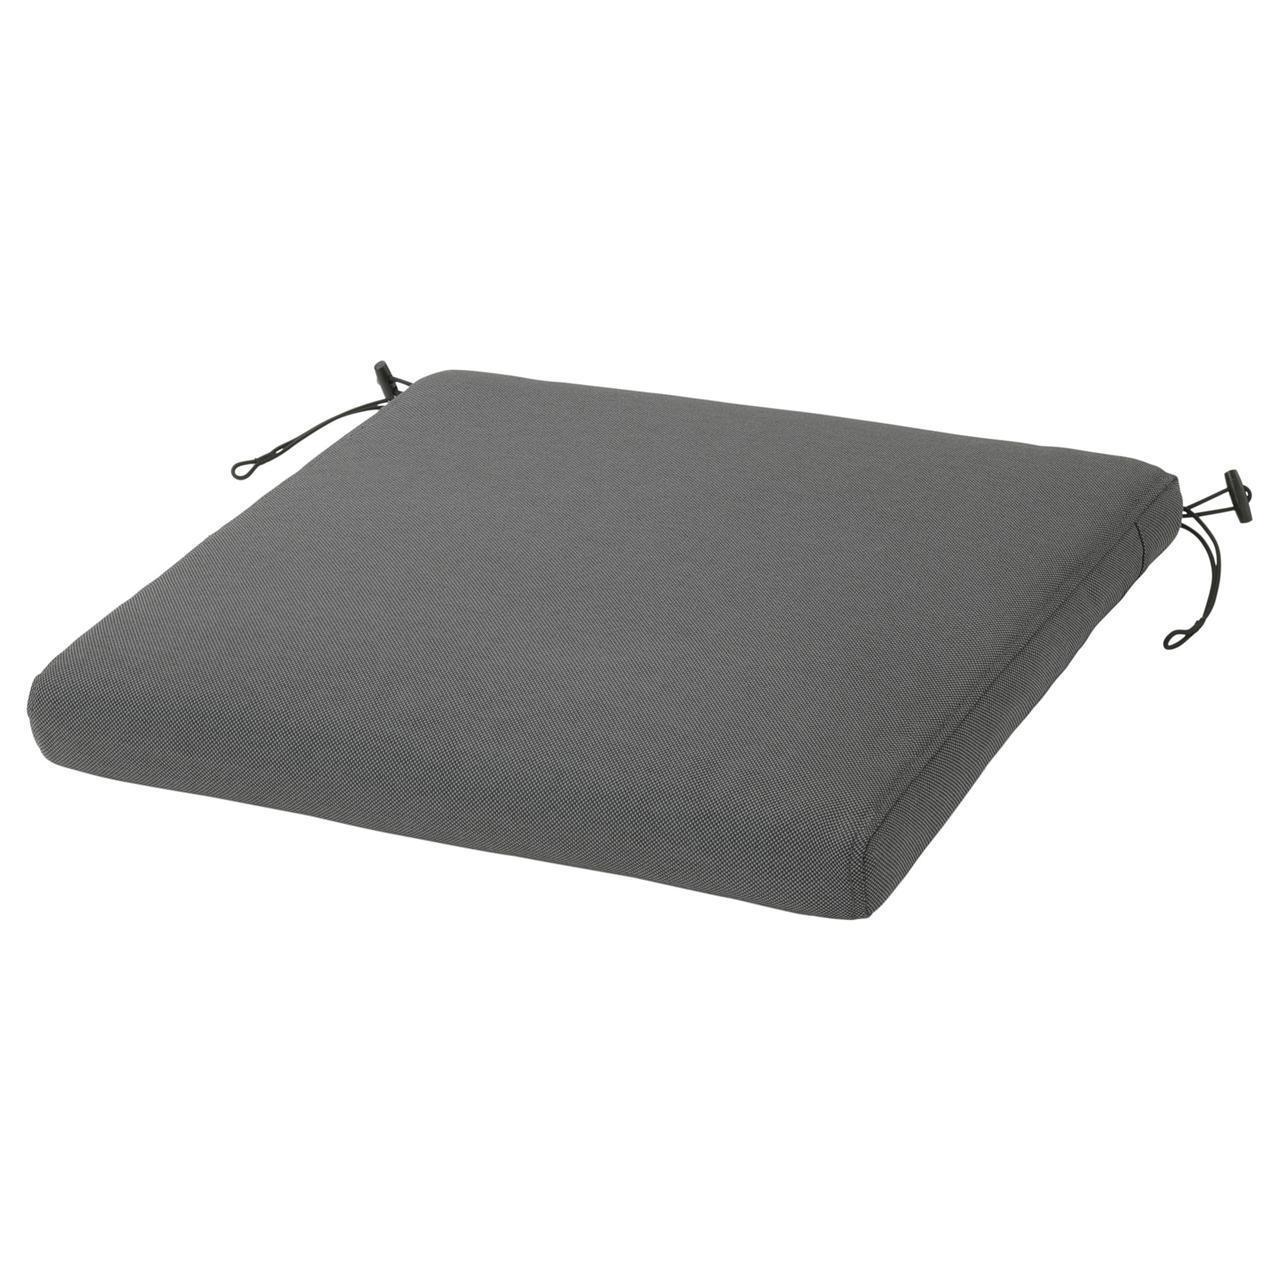 IKEA FROSON/DUVHOLMEN Подушка для садового кресла, темно-серый  (292.534.45)